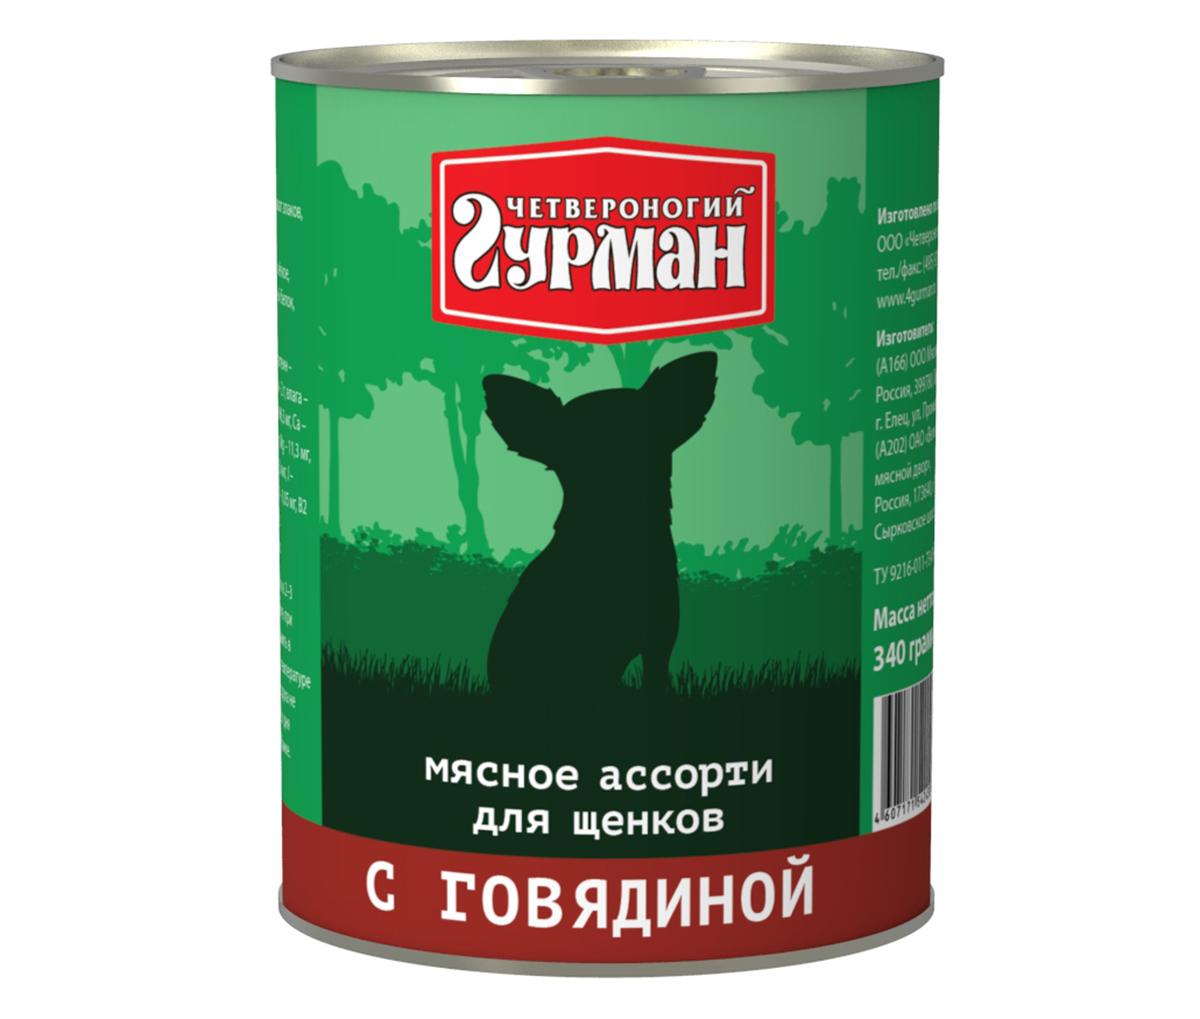 Консервы для щенков Четвероногий гурман Мясное ассорти, с говядиной, 340 г консервы для кошек четвероногий гурман мясное ассорти с индейкой 100 г